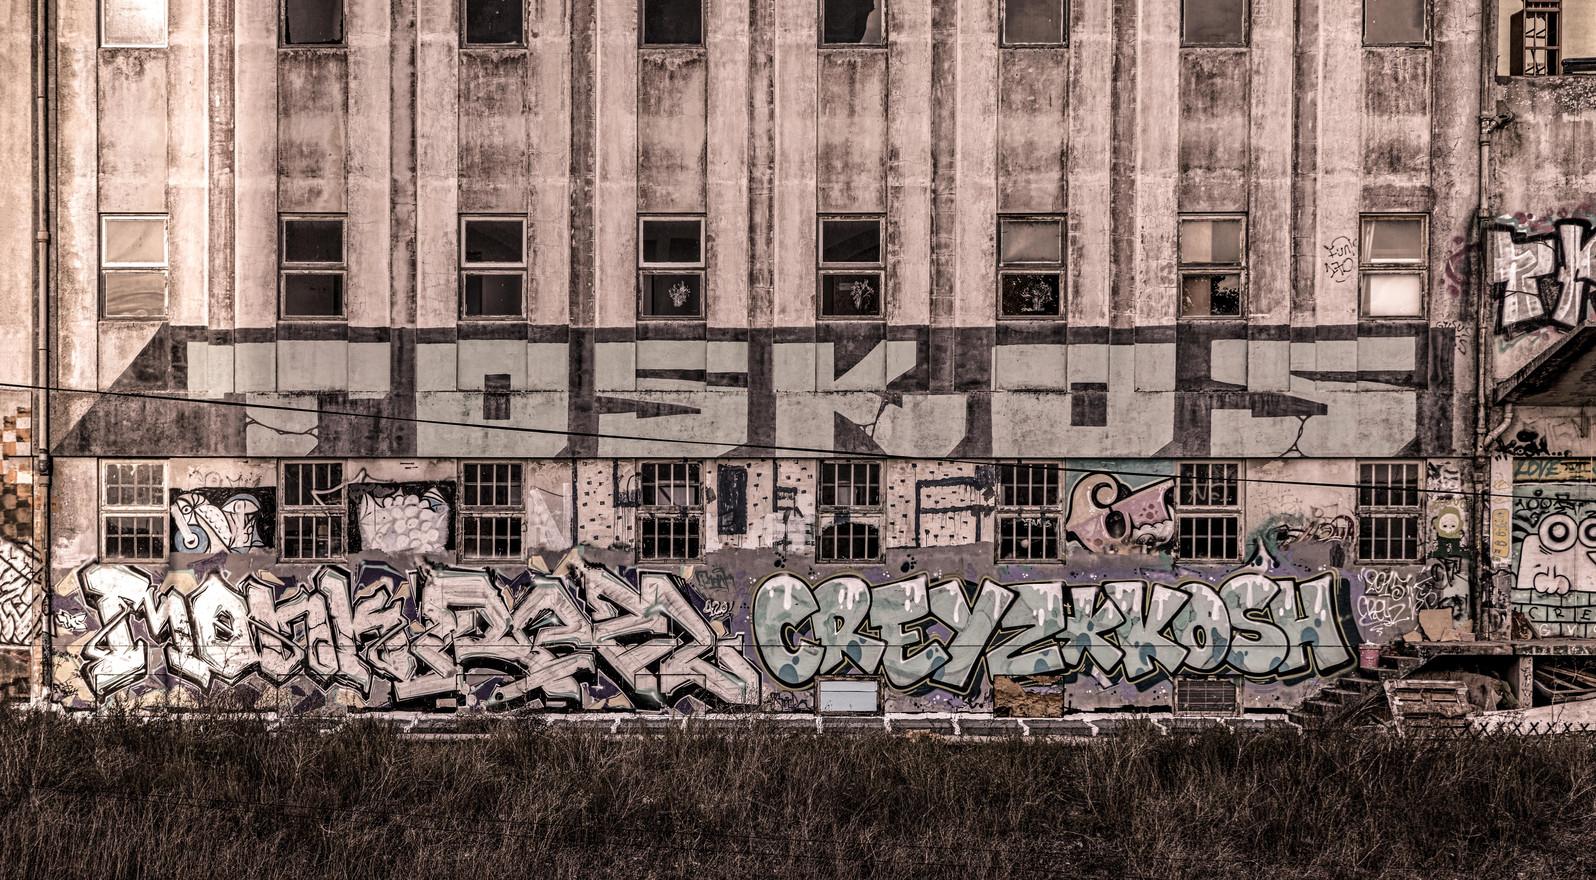 Graffitti foz-Edit.jpg